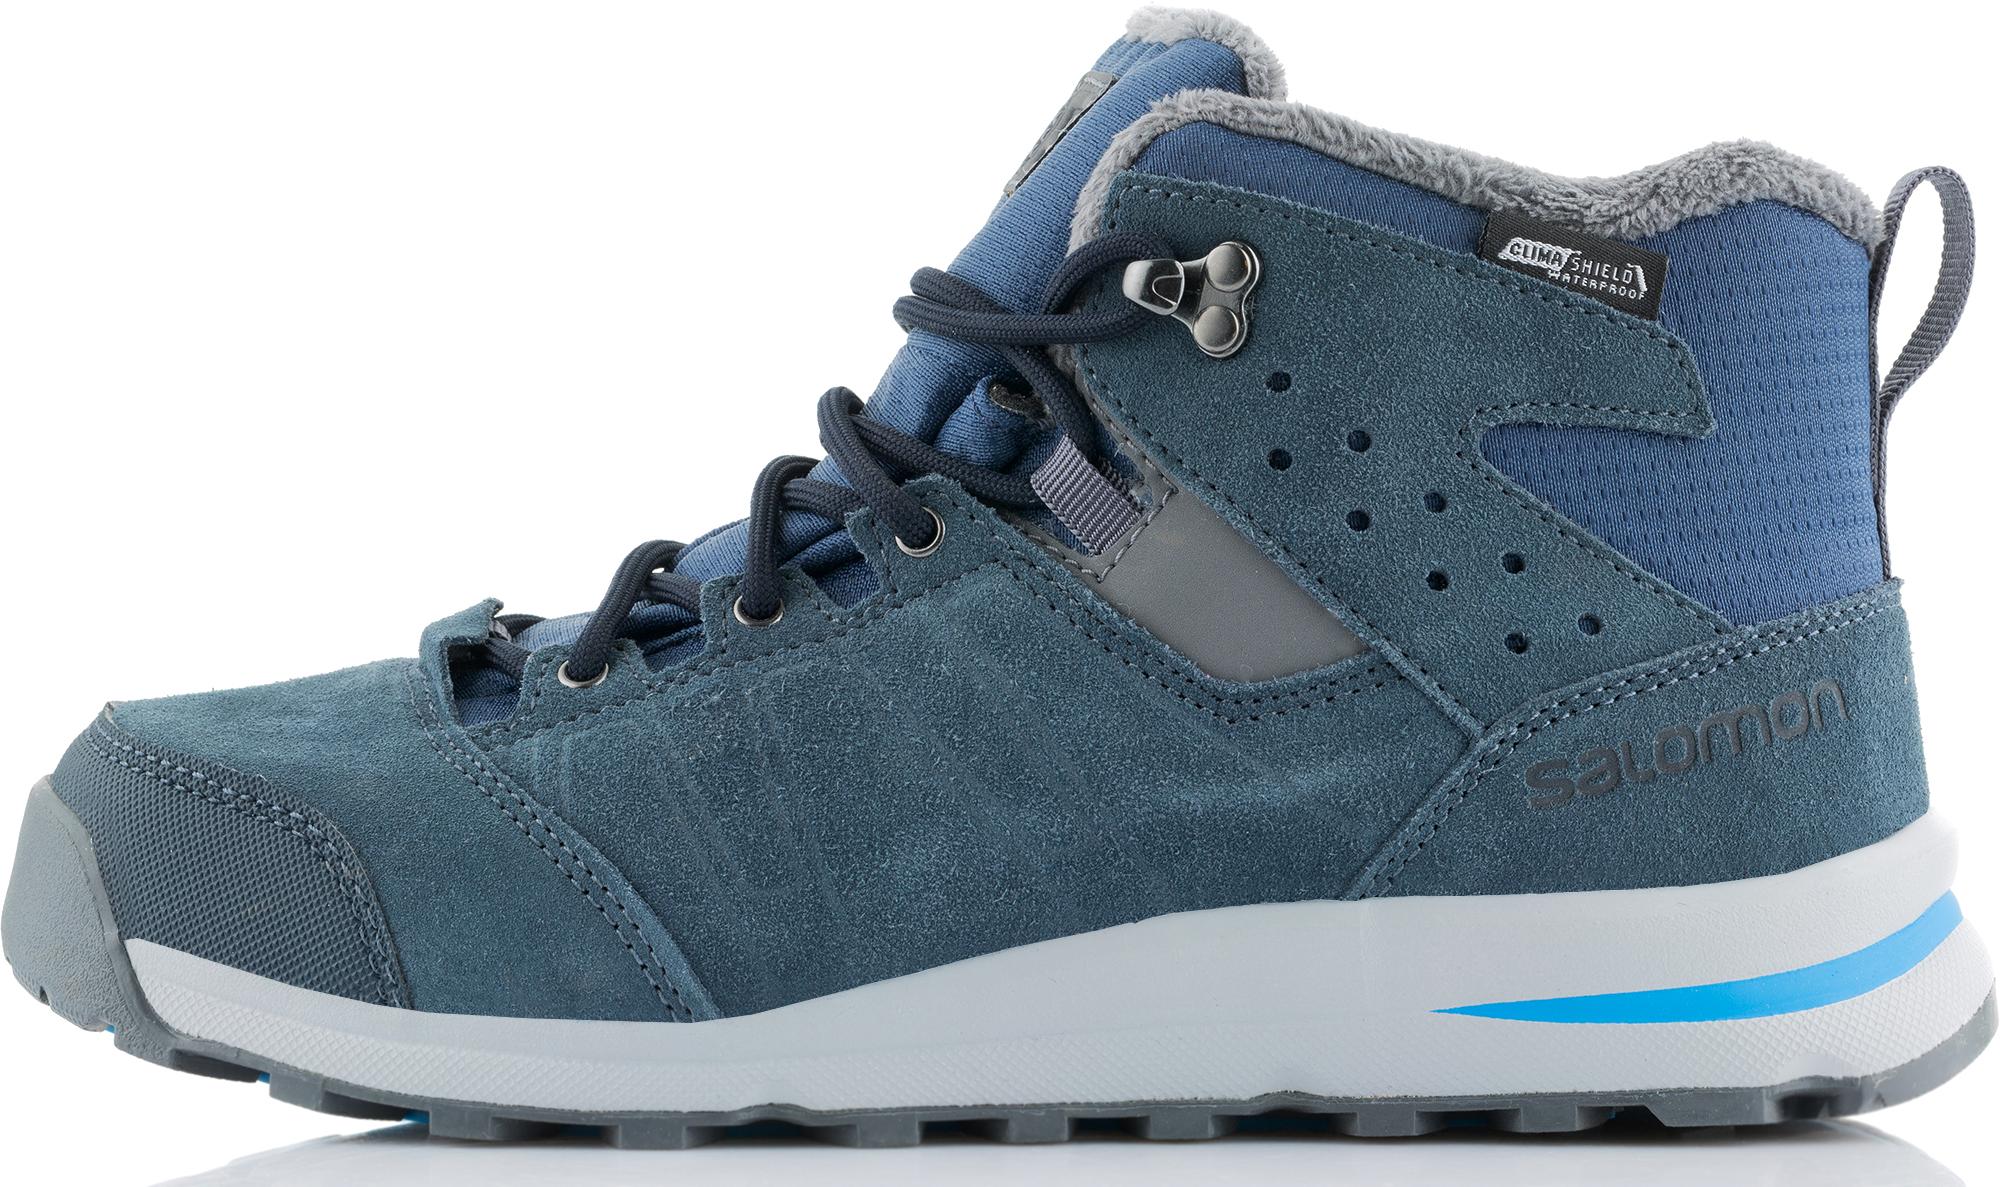 Salomon Ботинки утепленные для мальчиков Salomon Utility, размер 33 ботинки salomon ботинки shoes utility ts cswp j swam raw